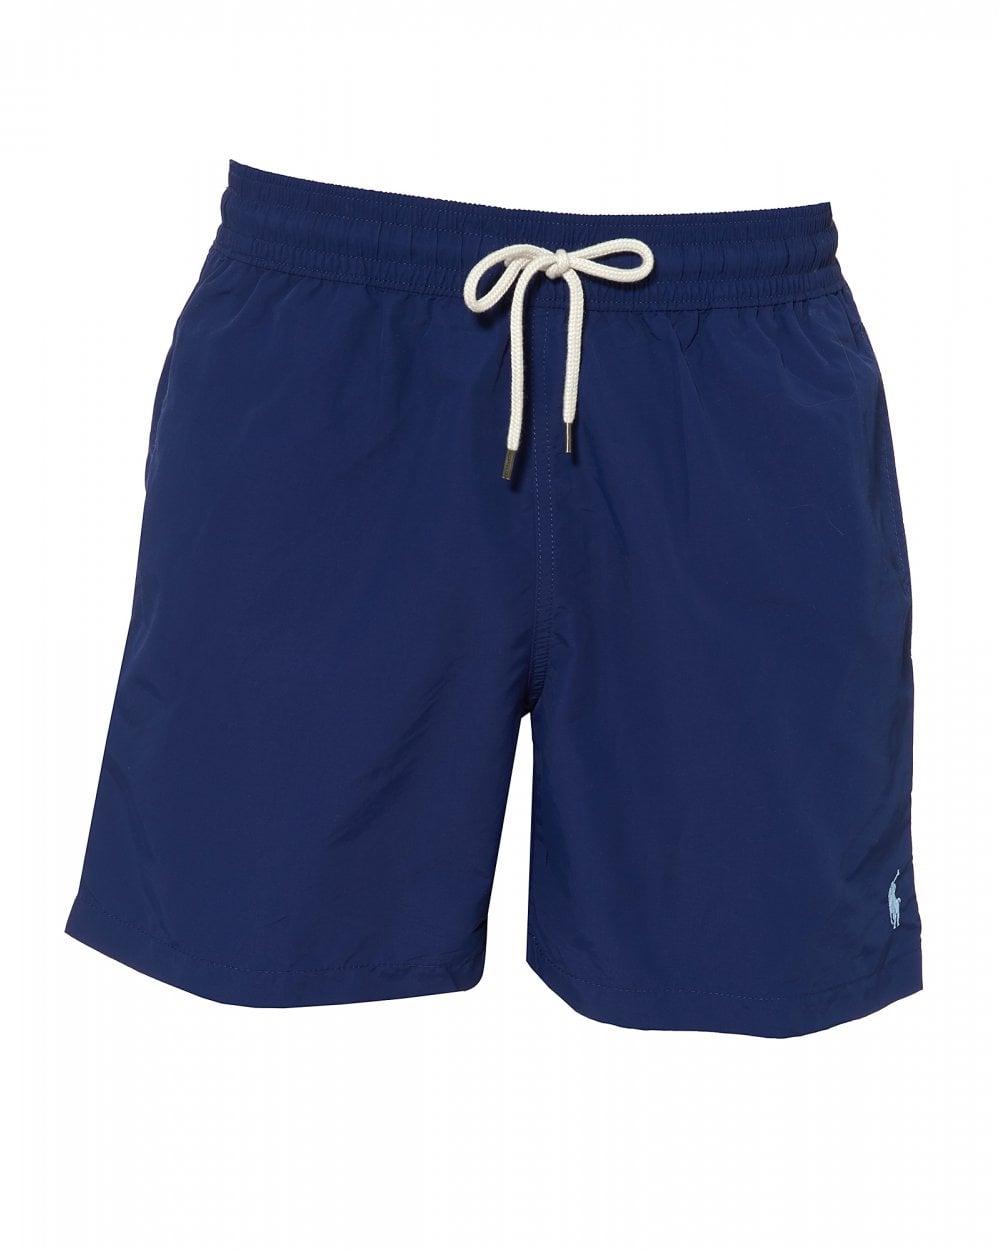 26b6f47680 Mens Plain Traveller Swimshorts, Holiday Navy Blue Swimming Trunks